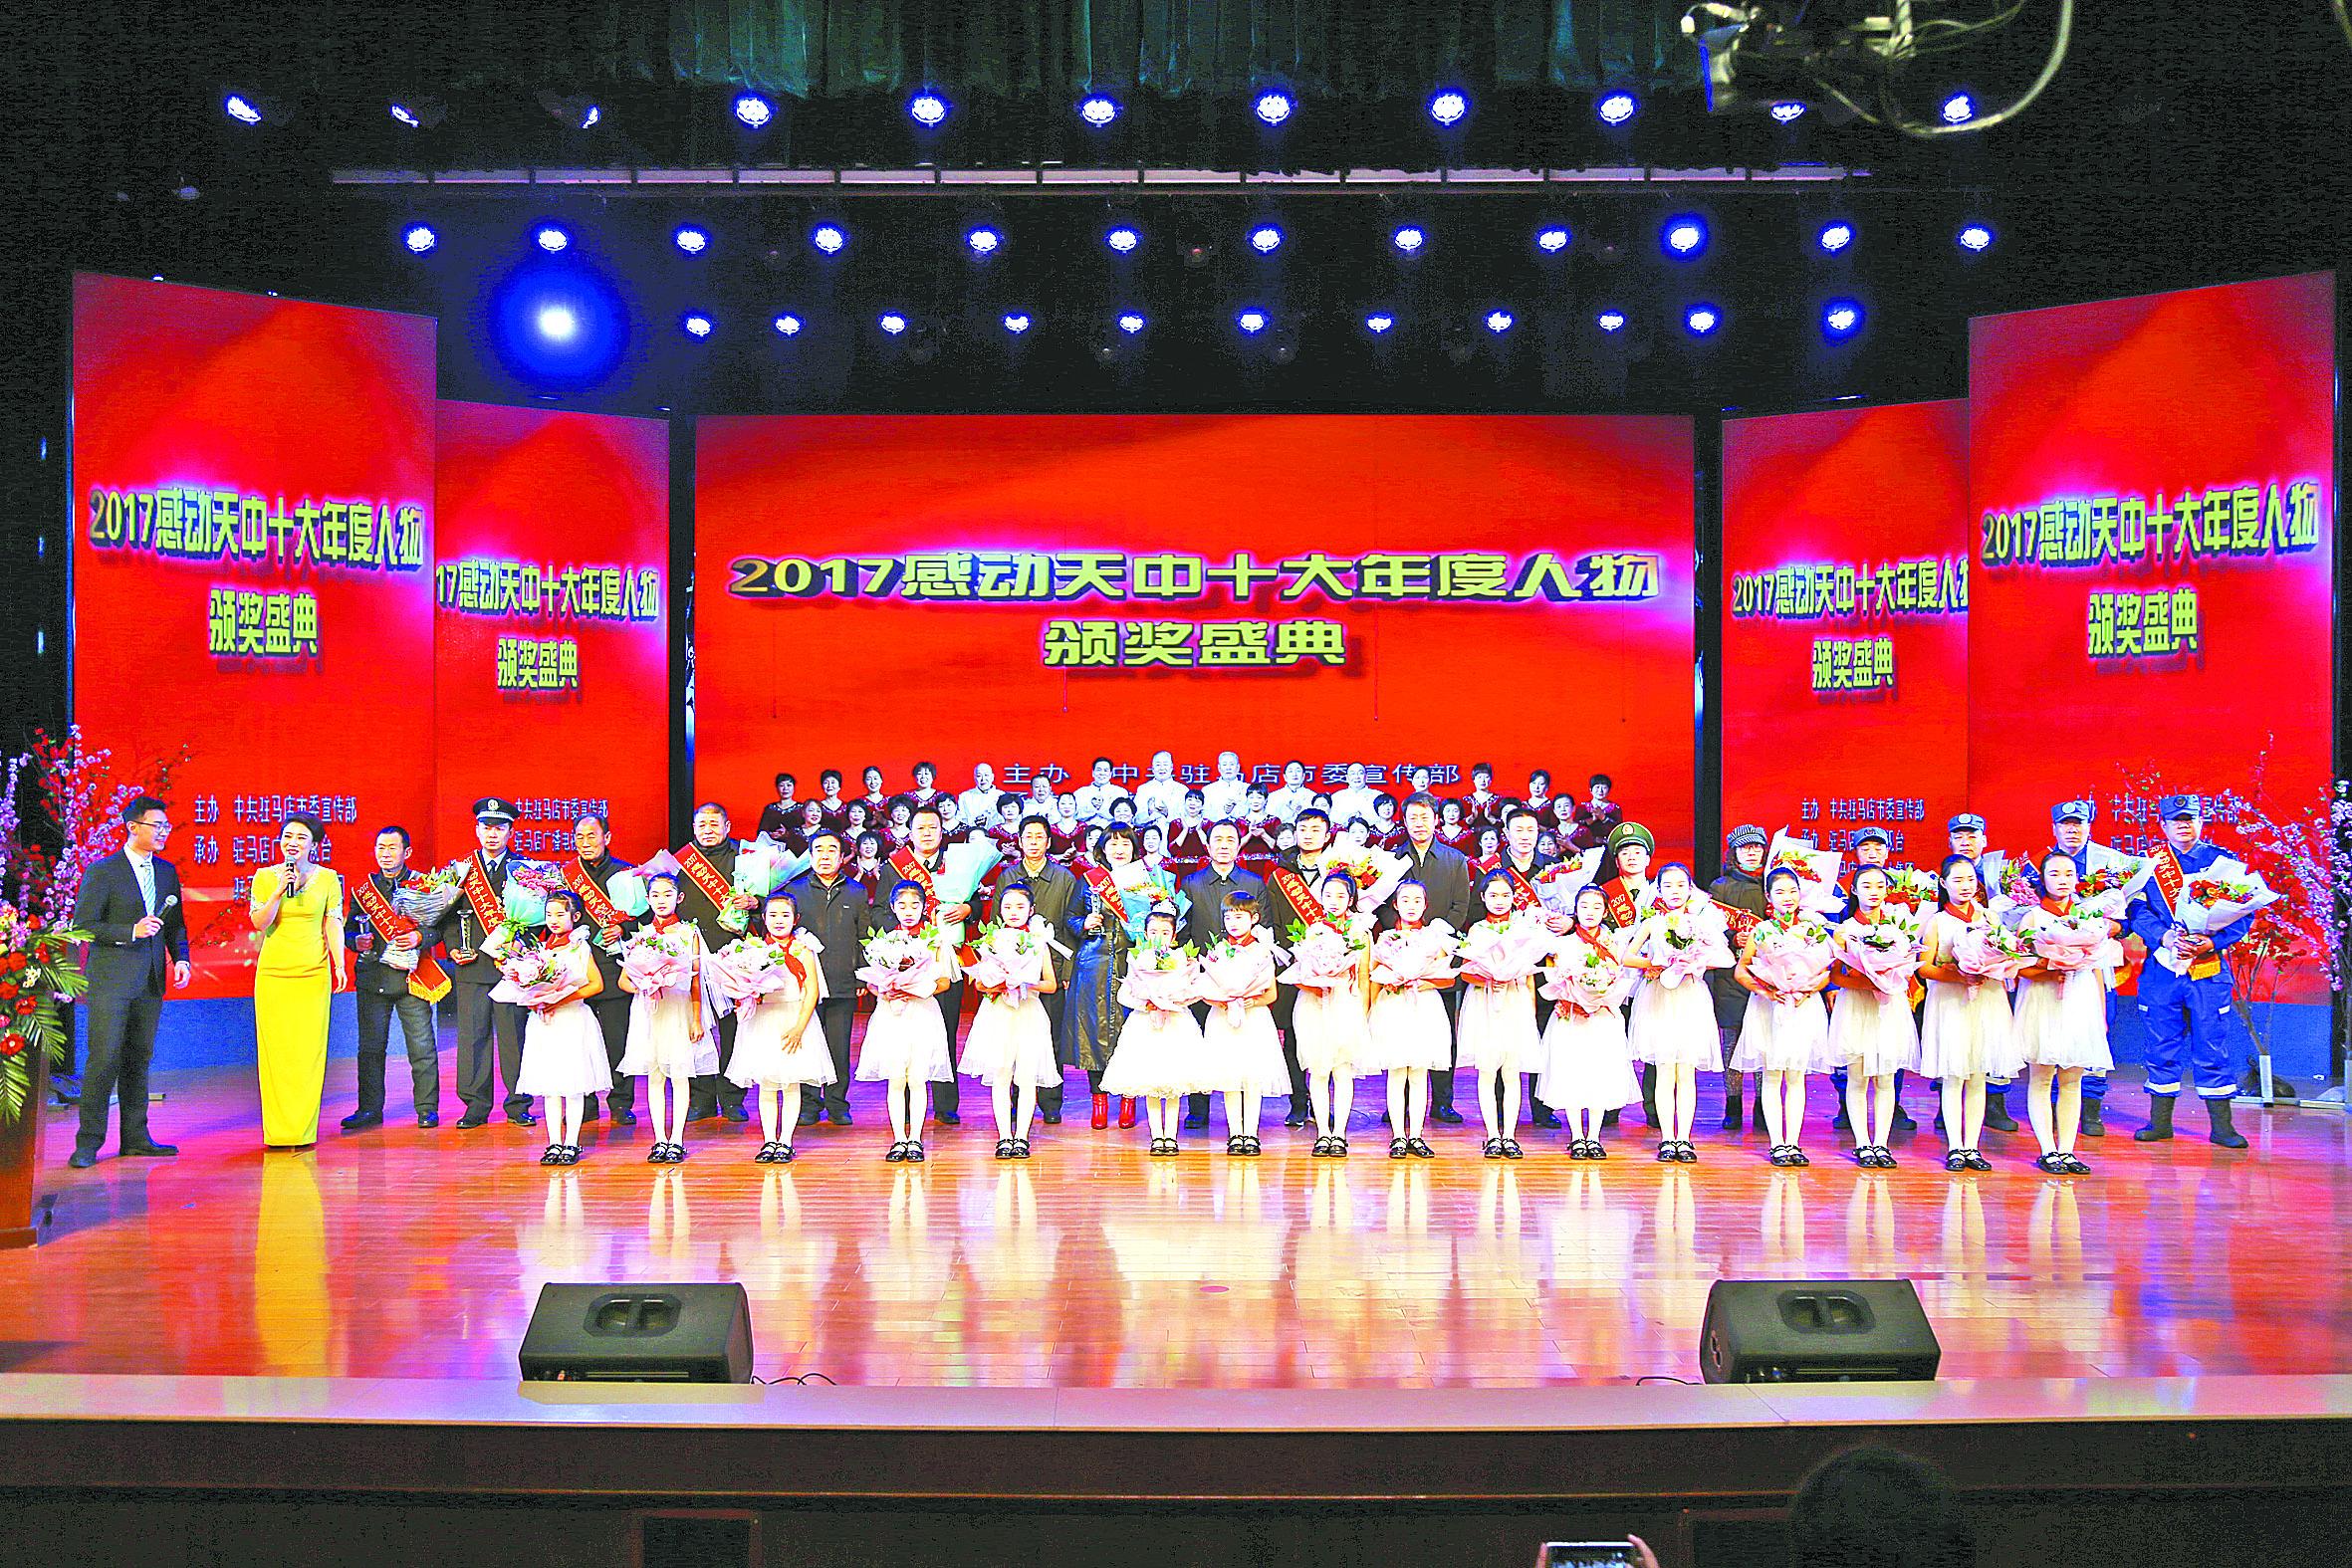 2017・必赢十大年度人物颁奖典礼隆重举行